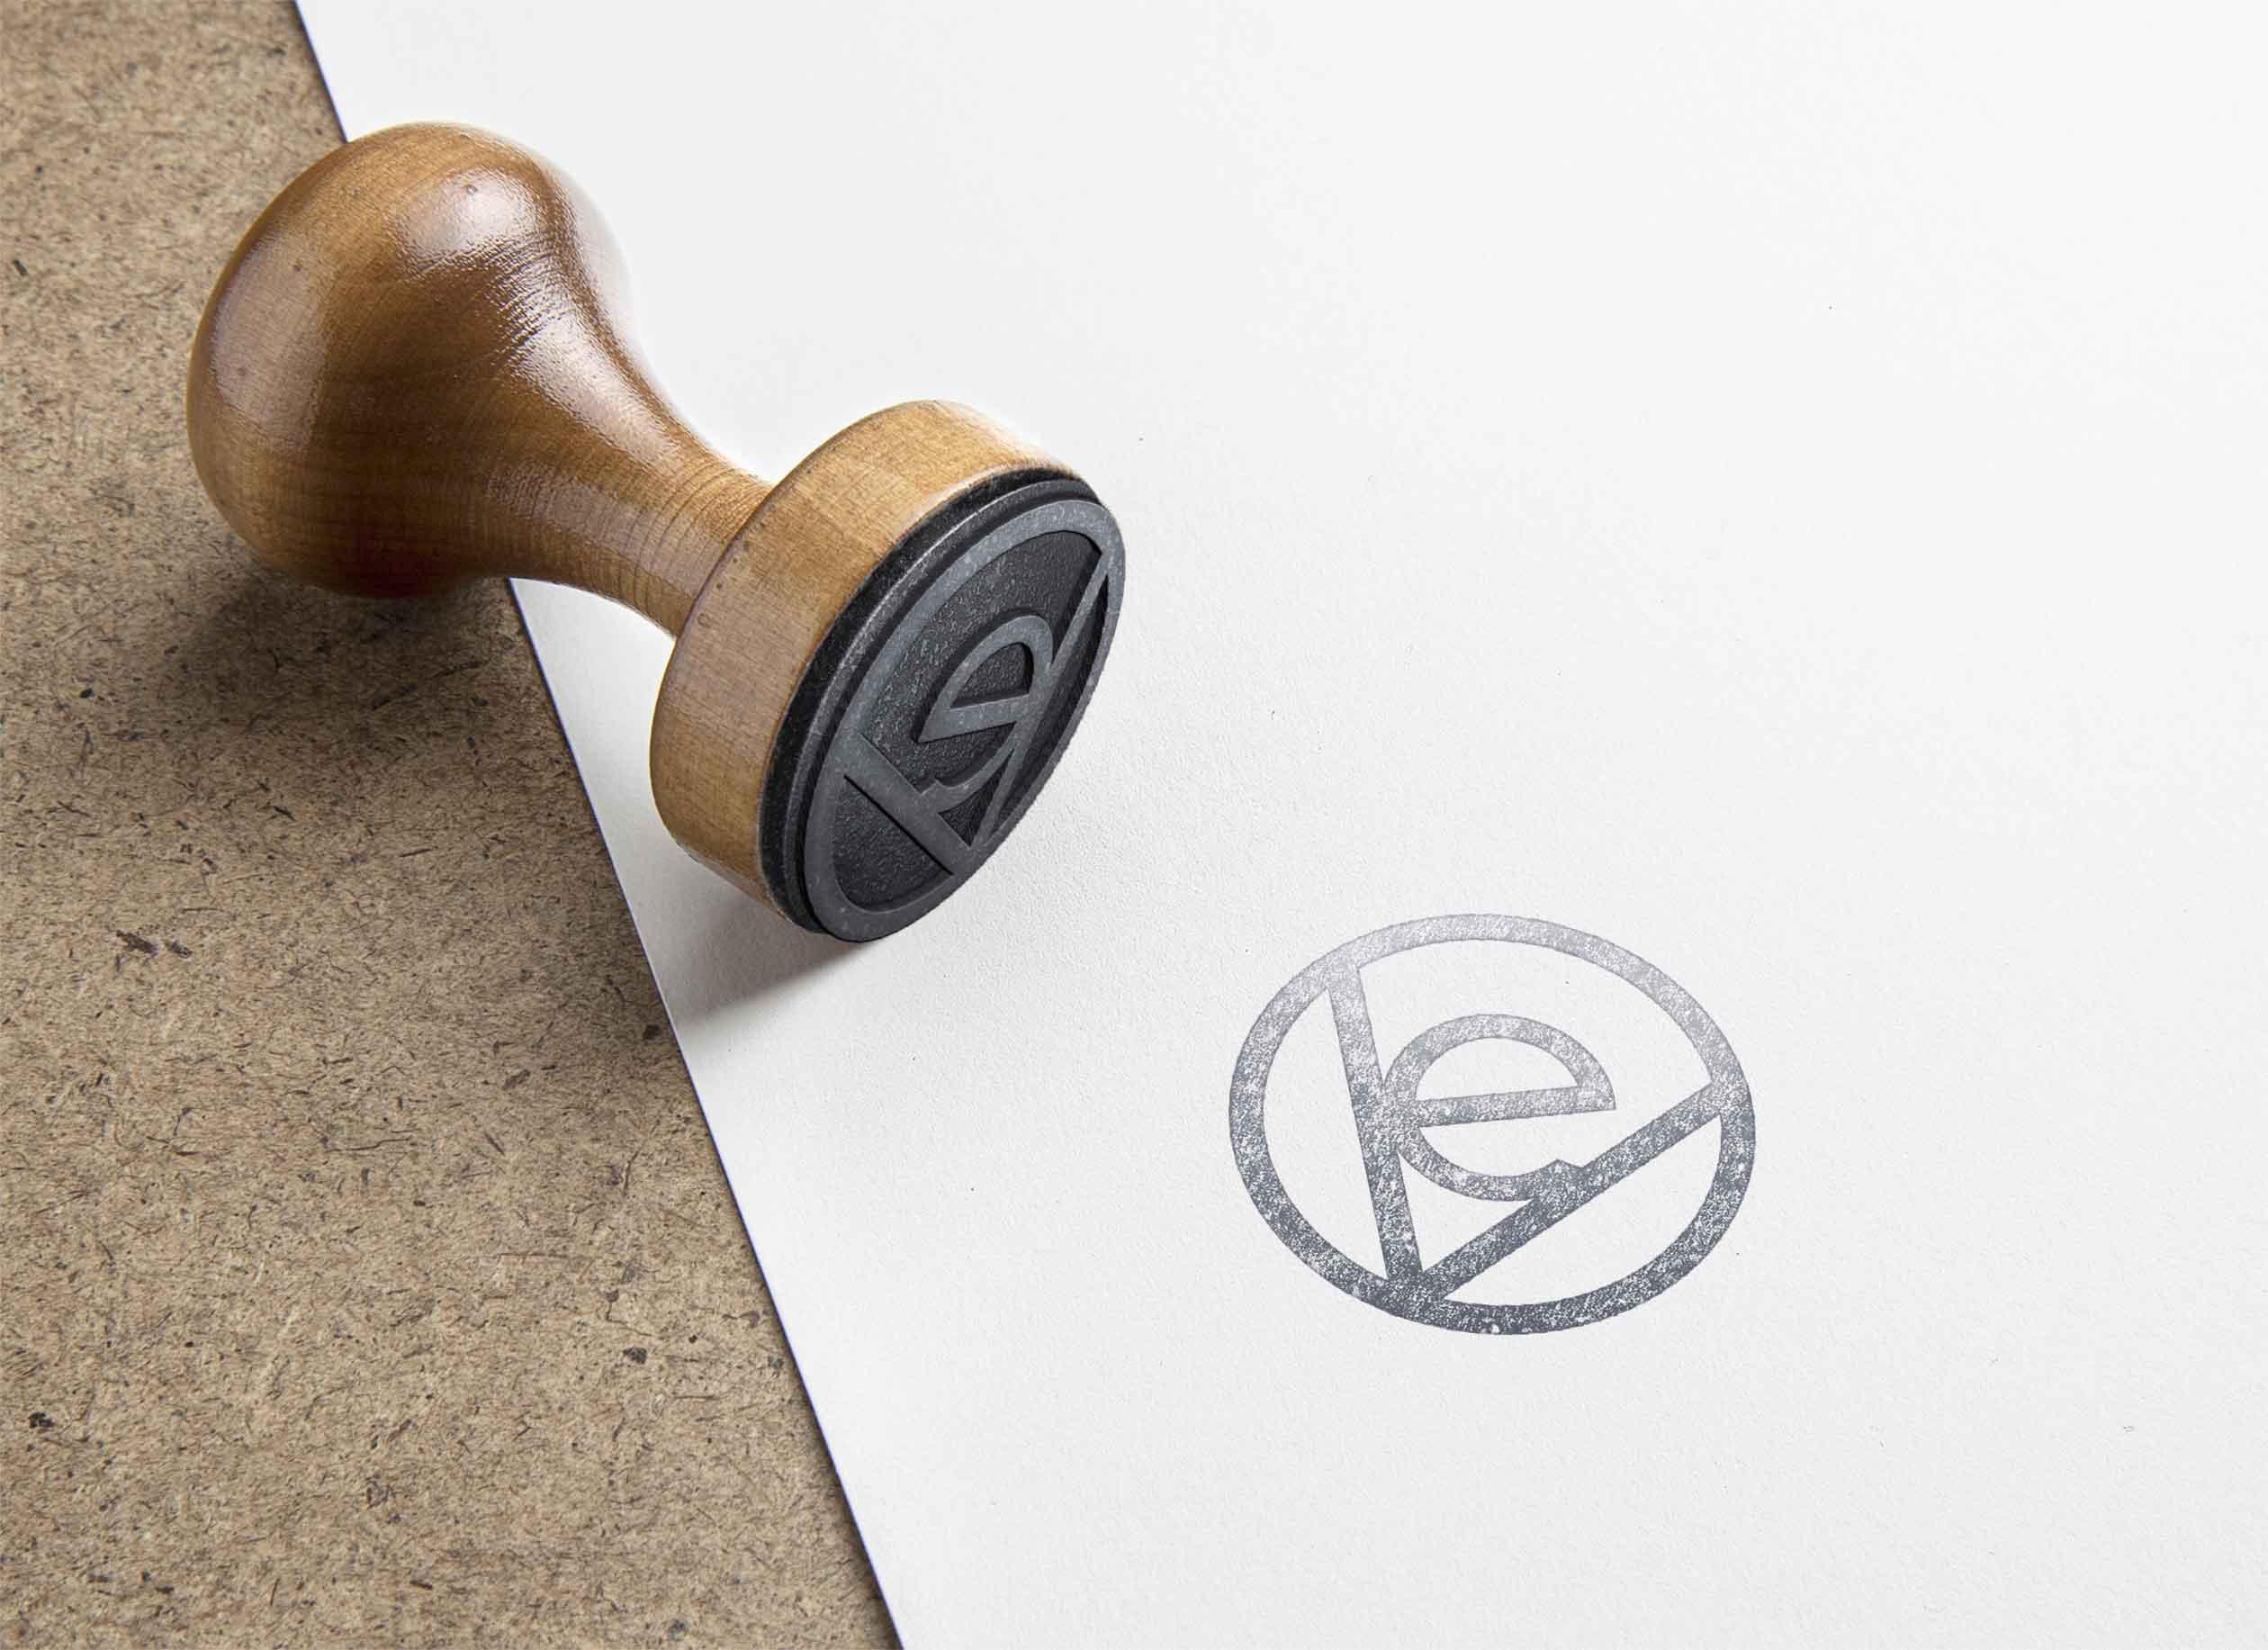 evavioletta_stamp-logo